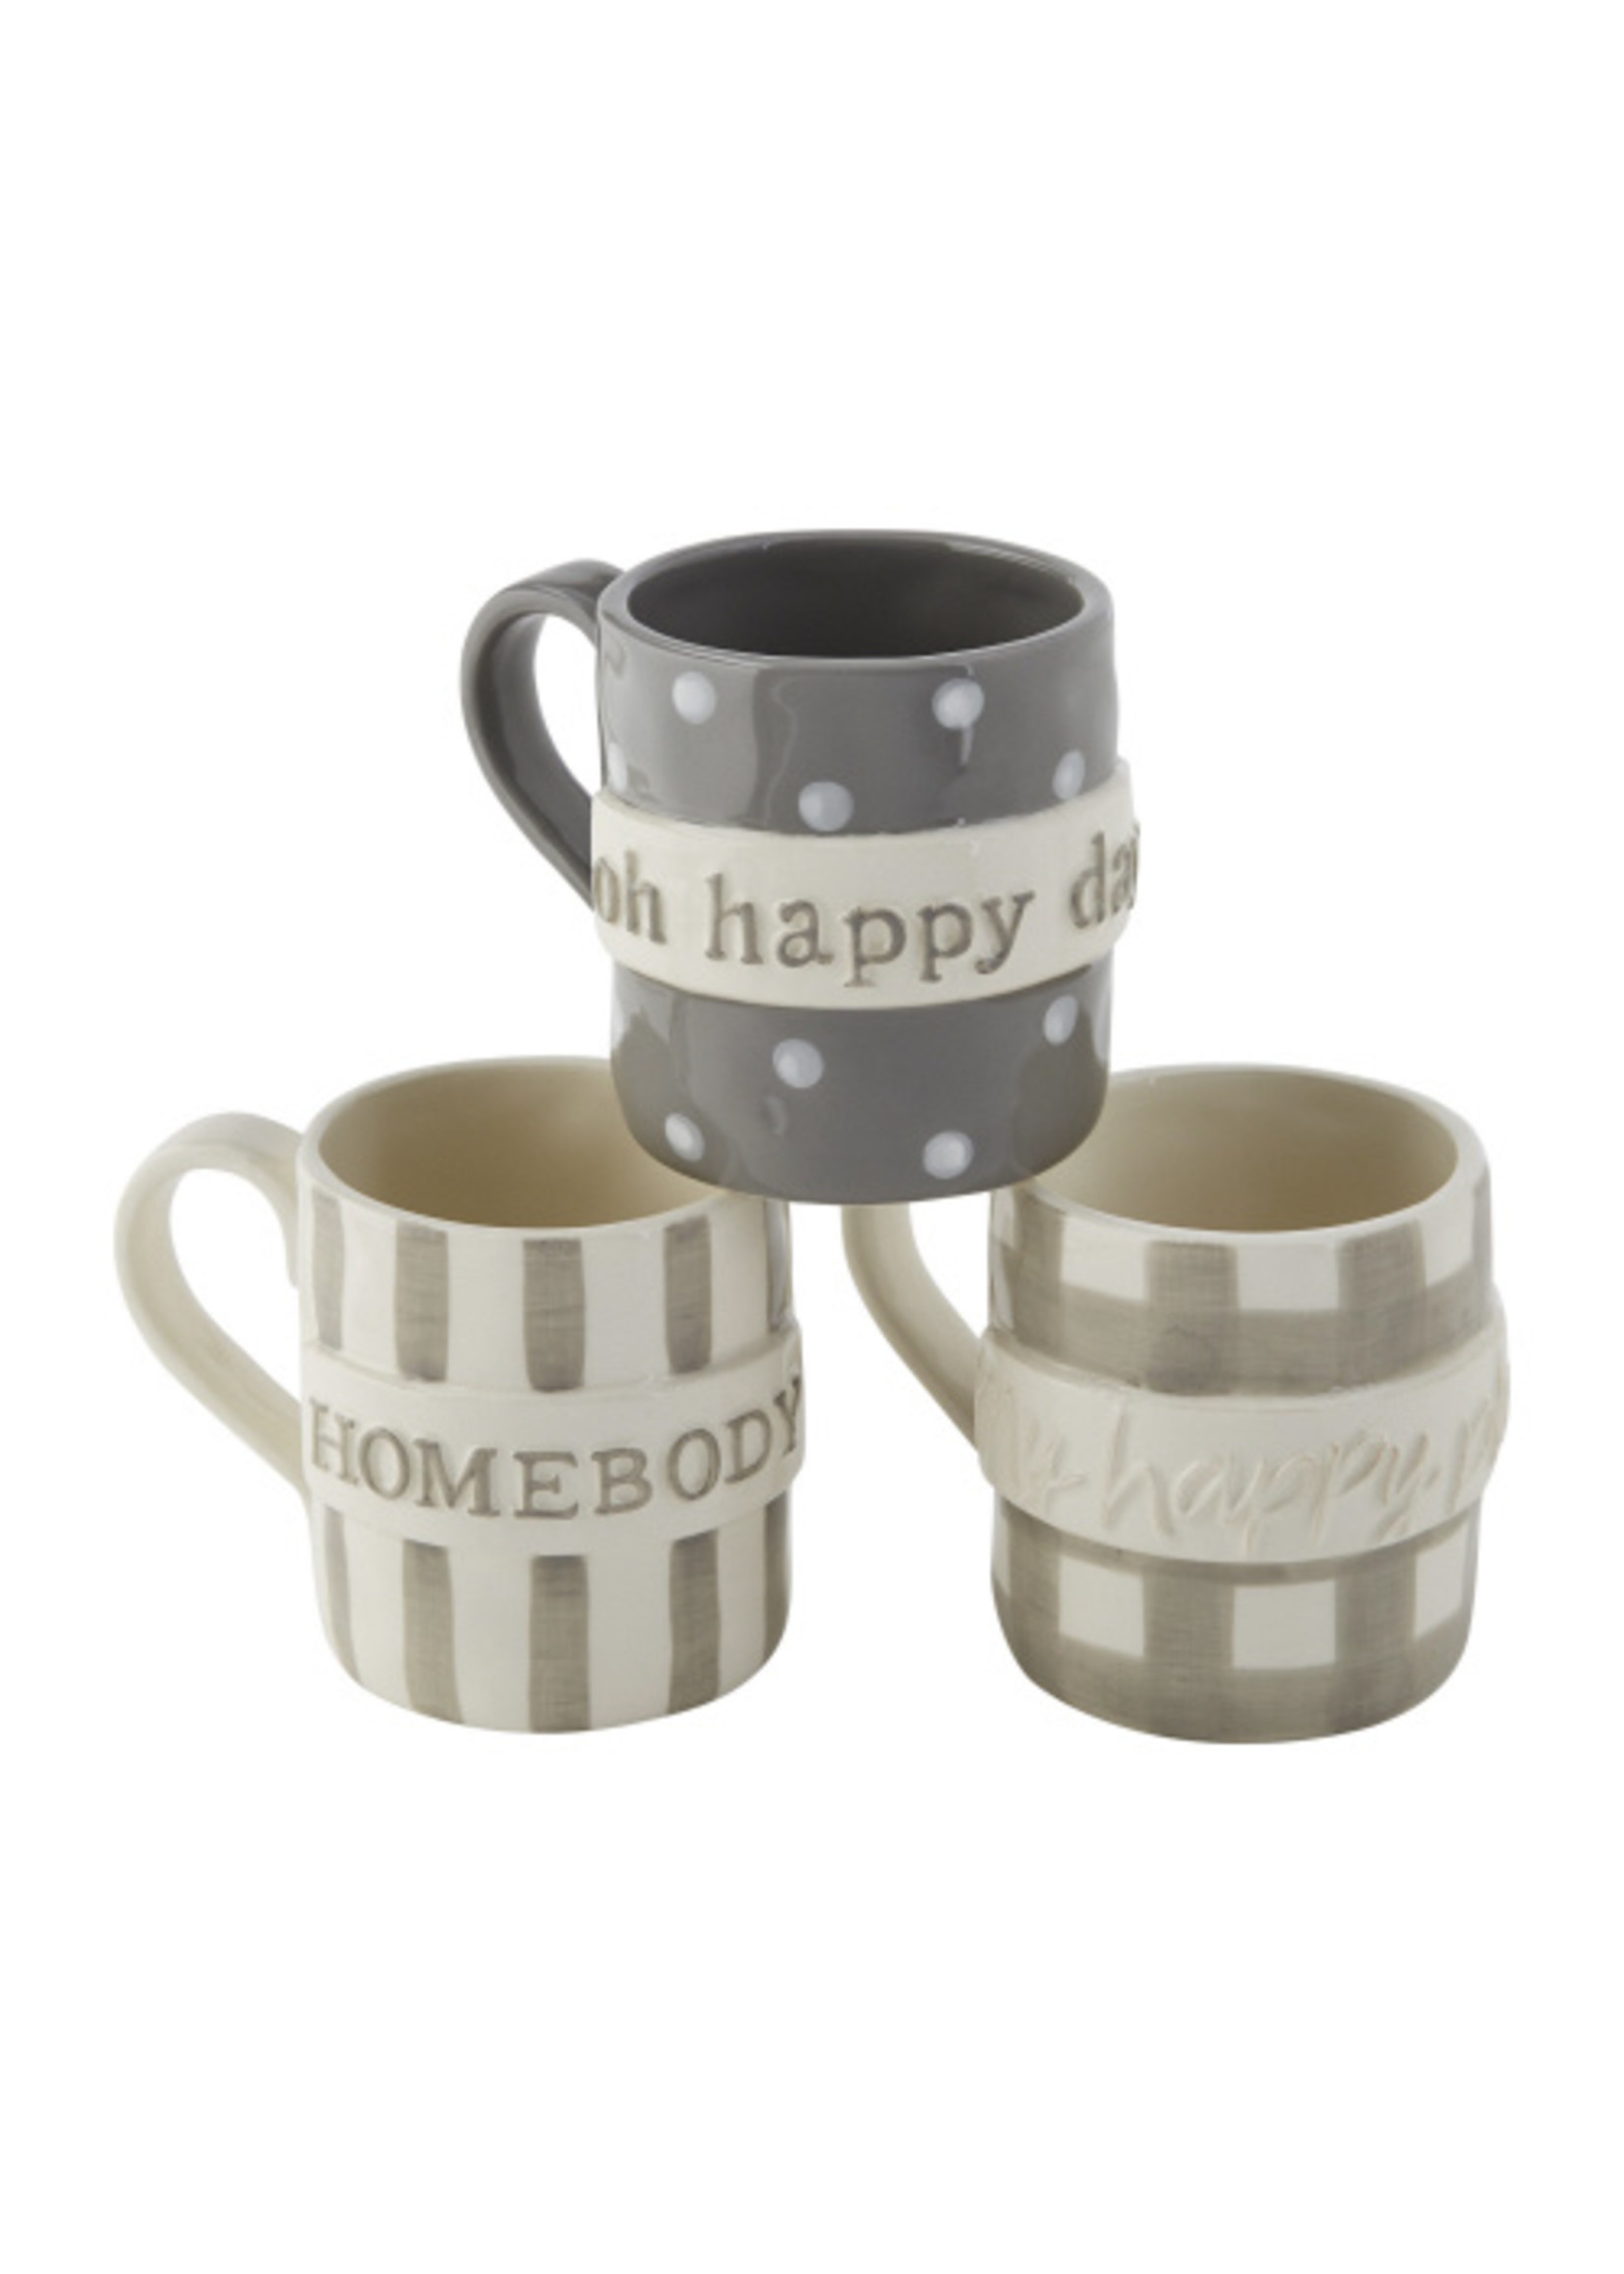 Happy Day Boxed Mug